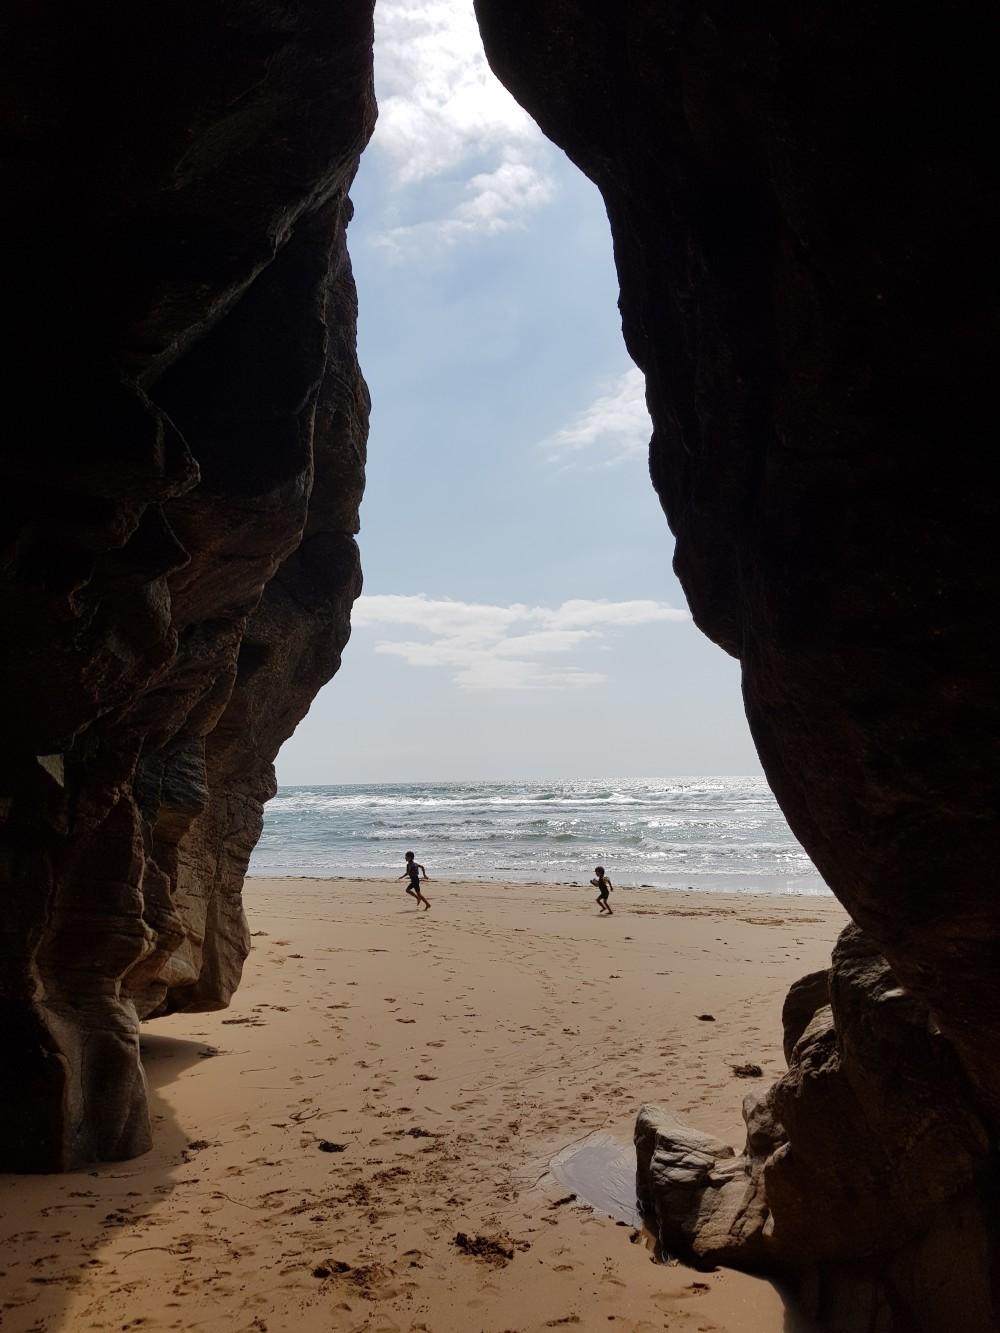 Sous les rochers, une plage...